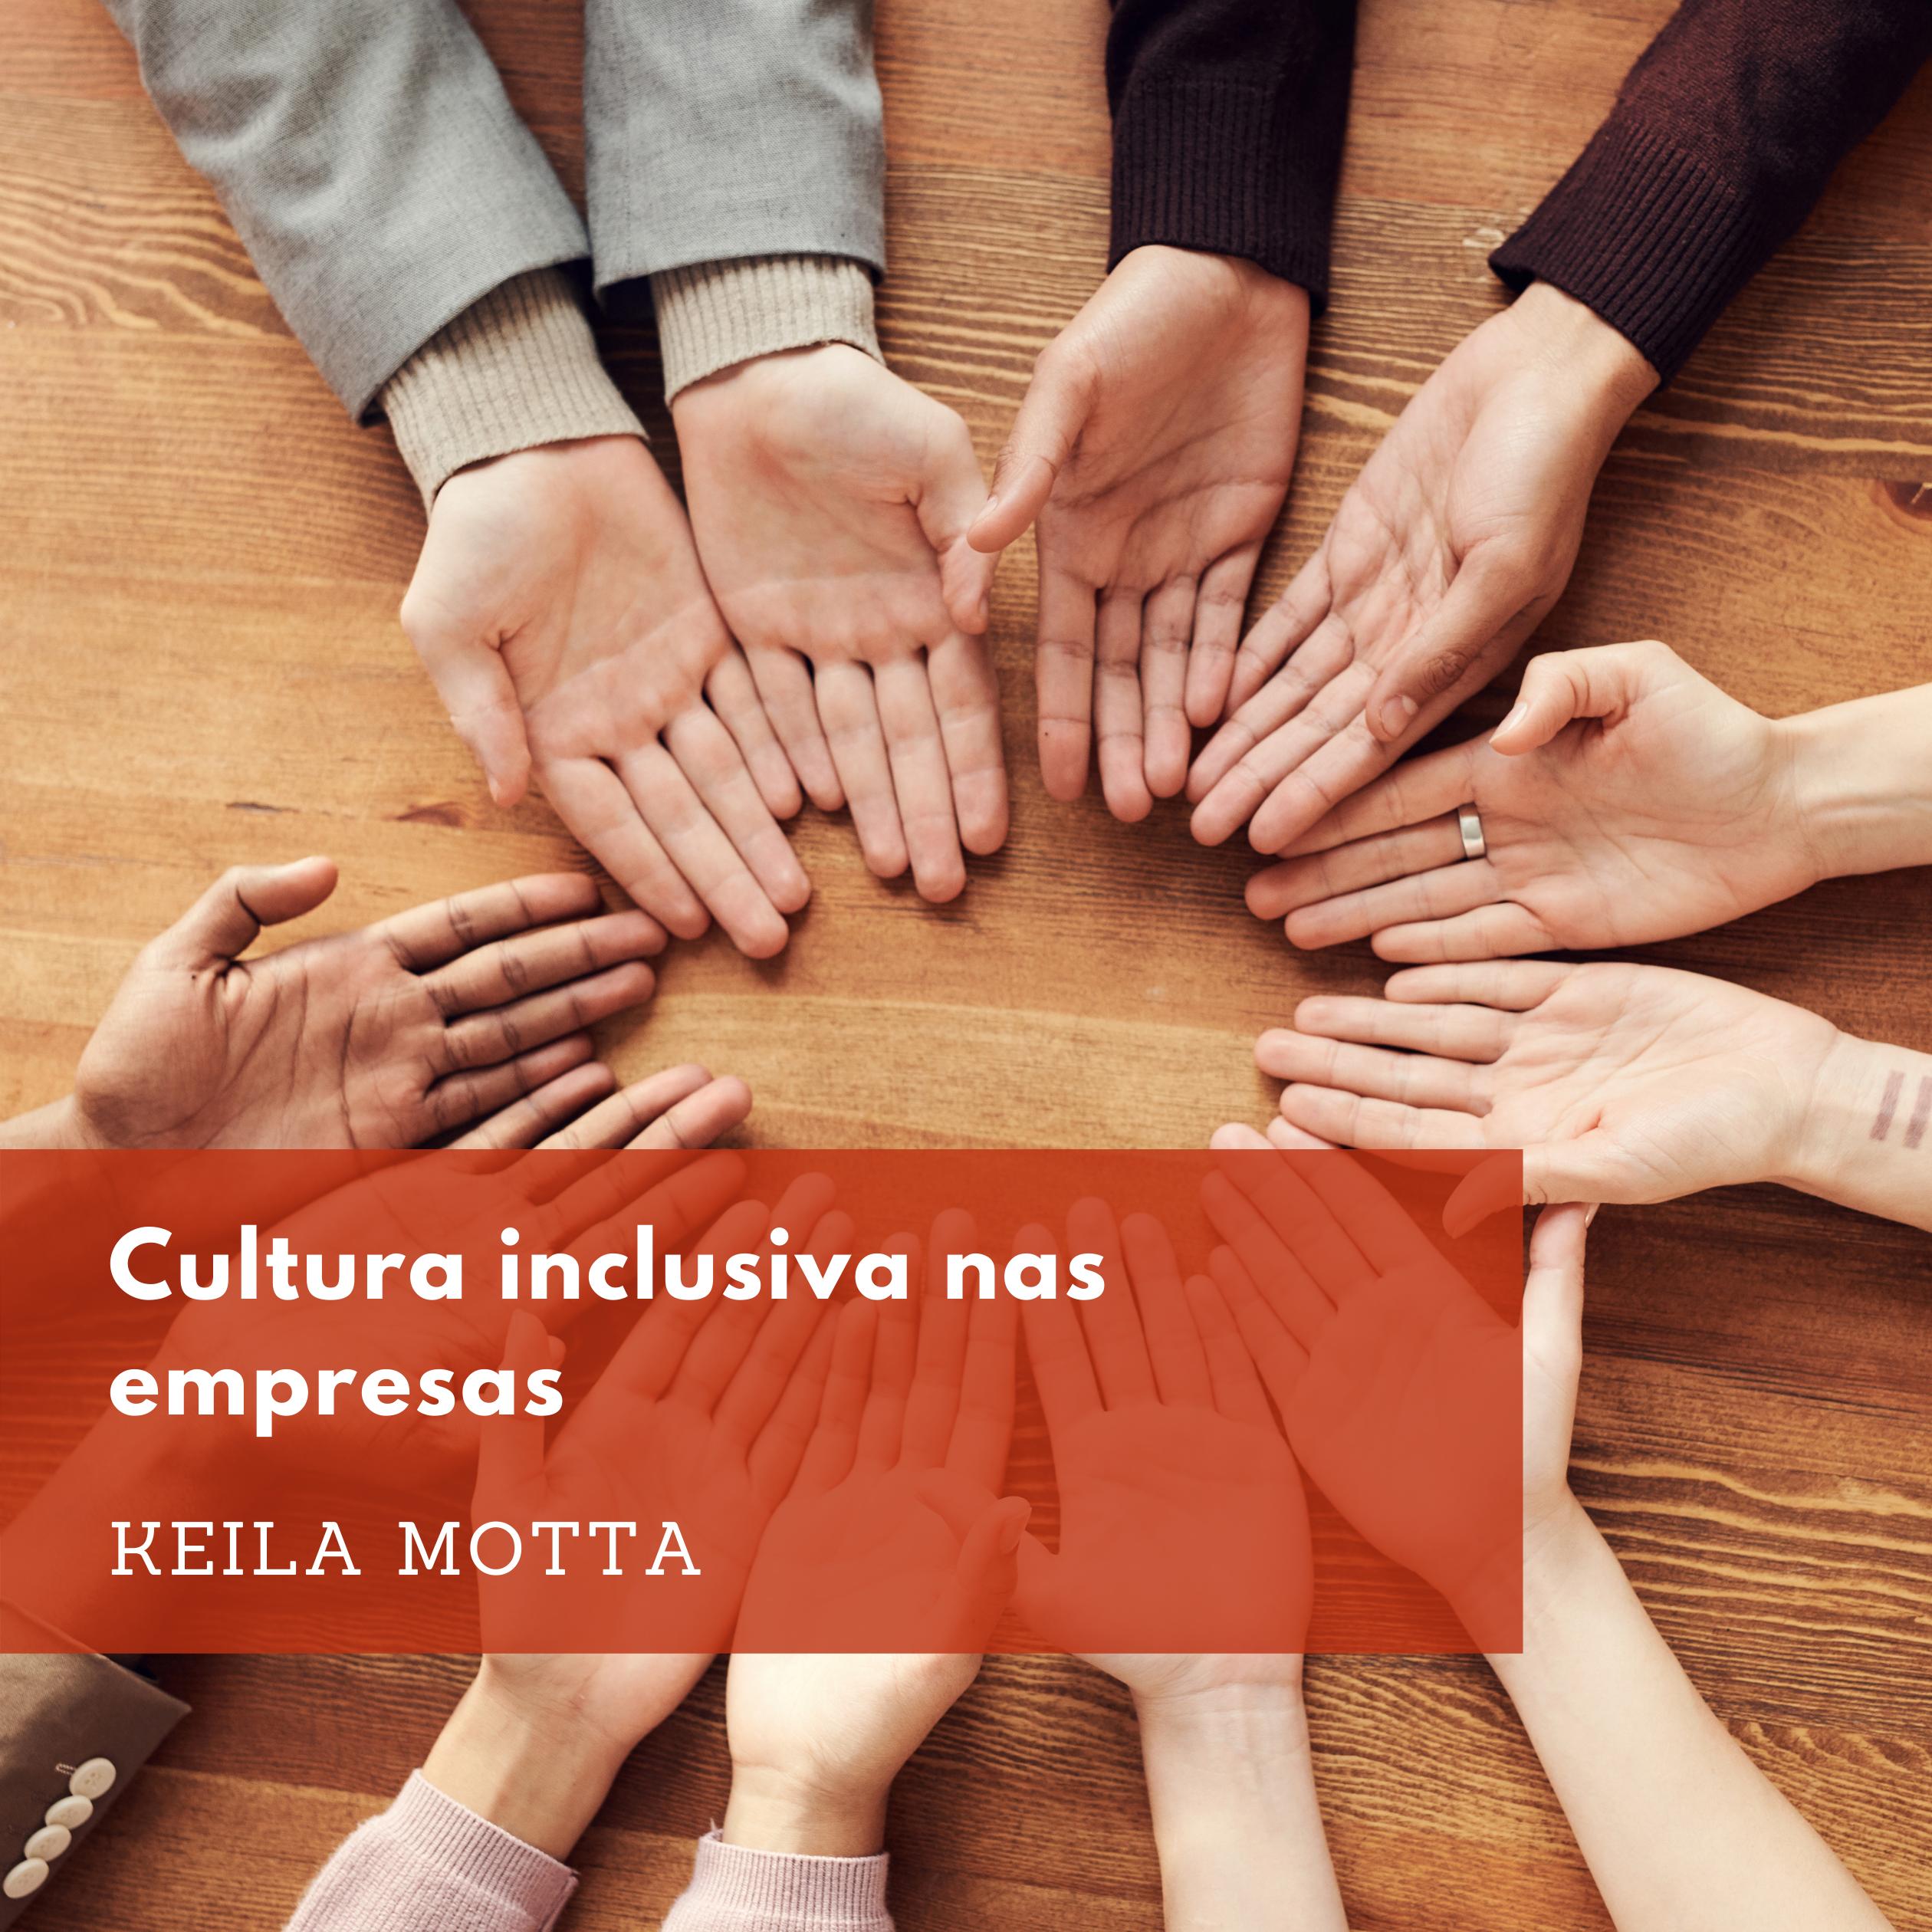 Imagem sobre Cultura inclusiva nas empresas